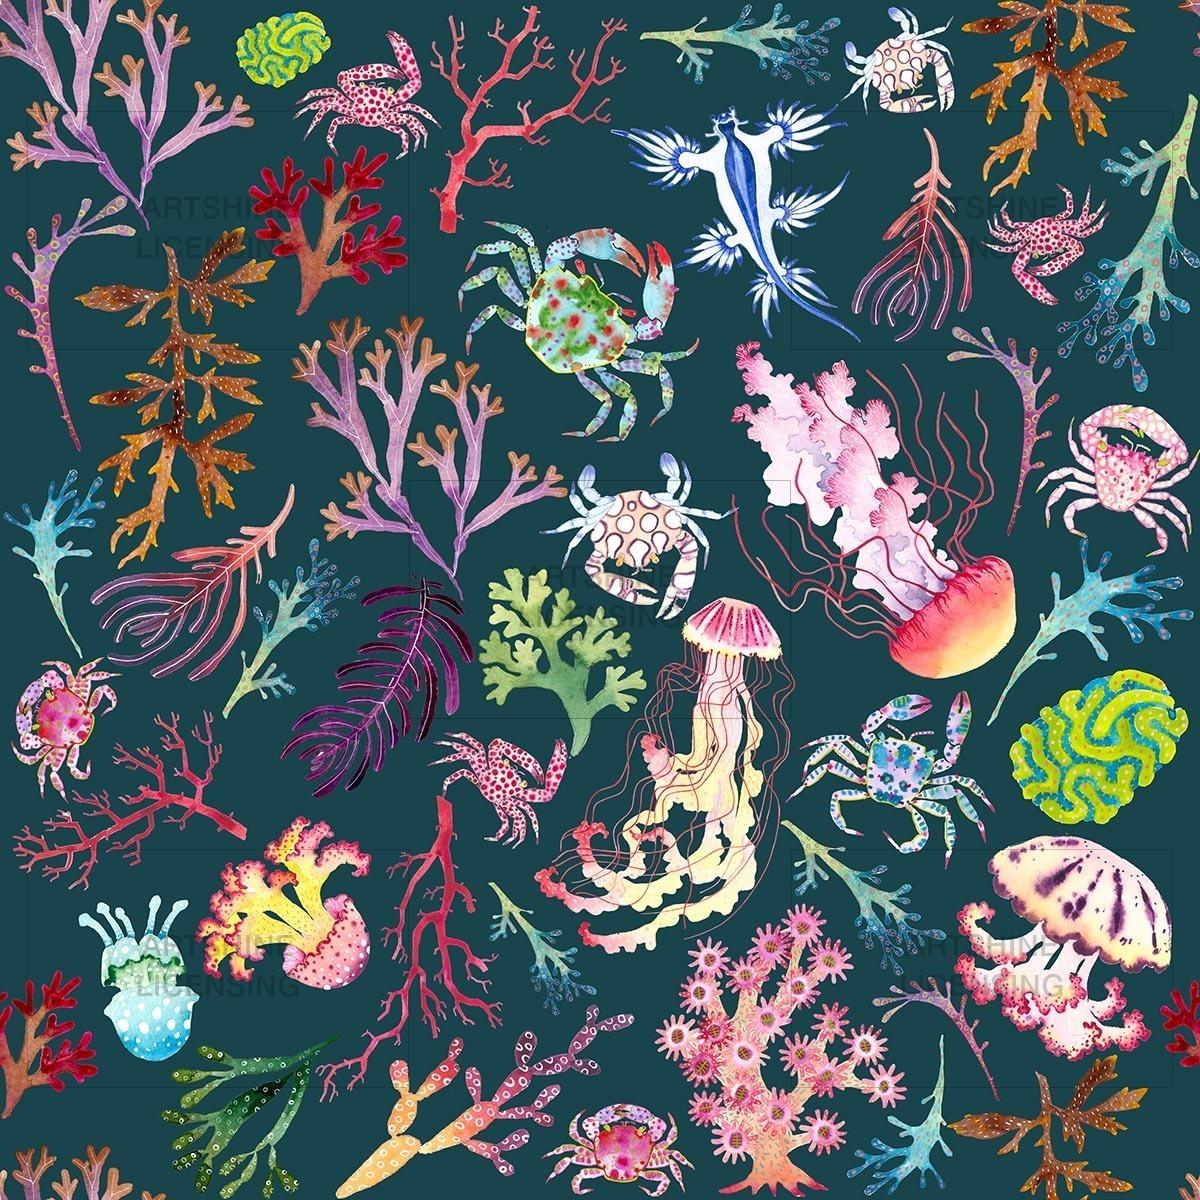 Sea things